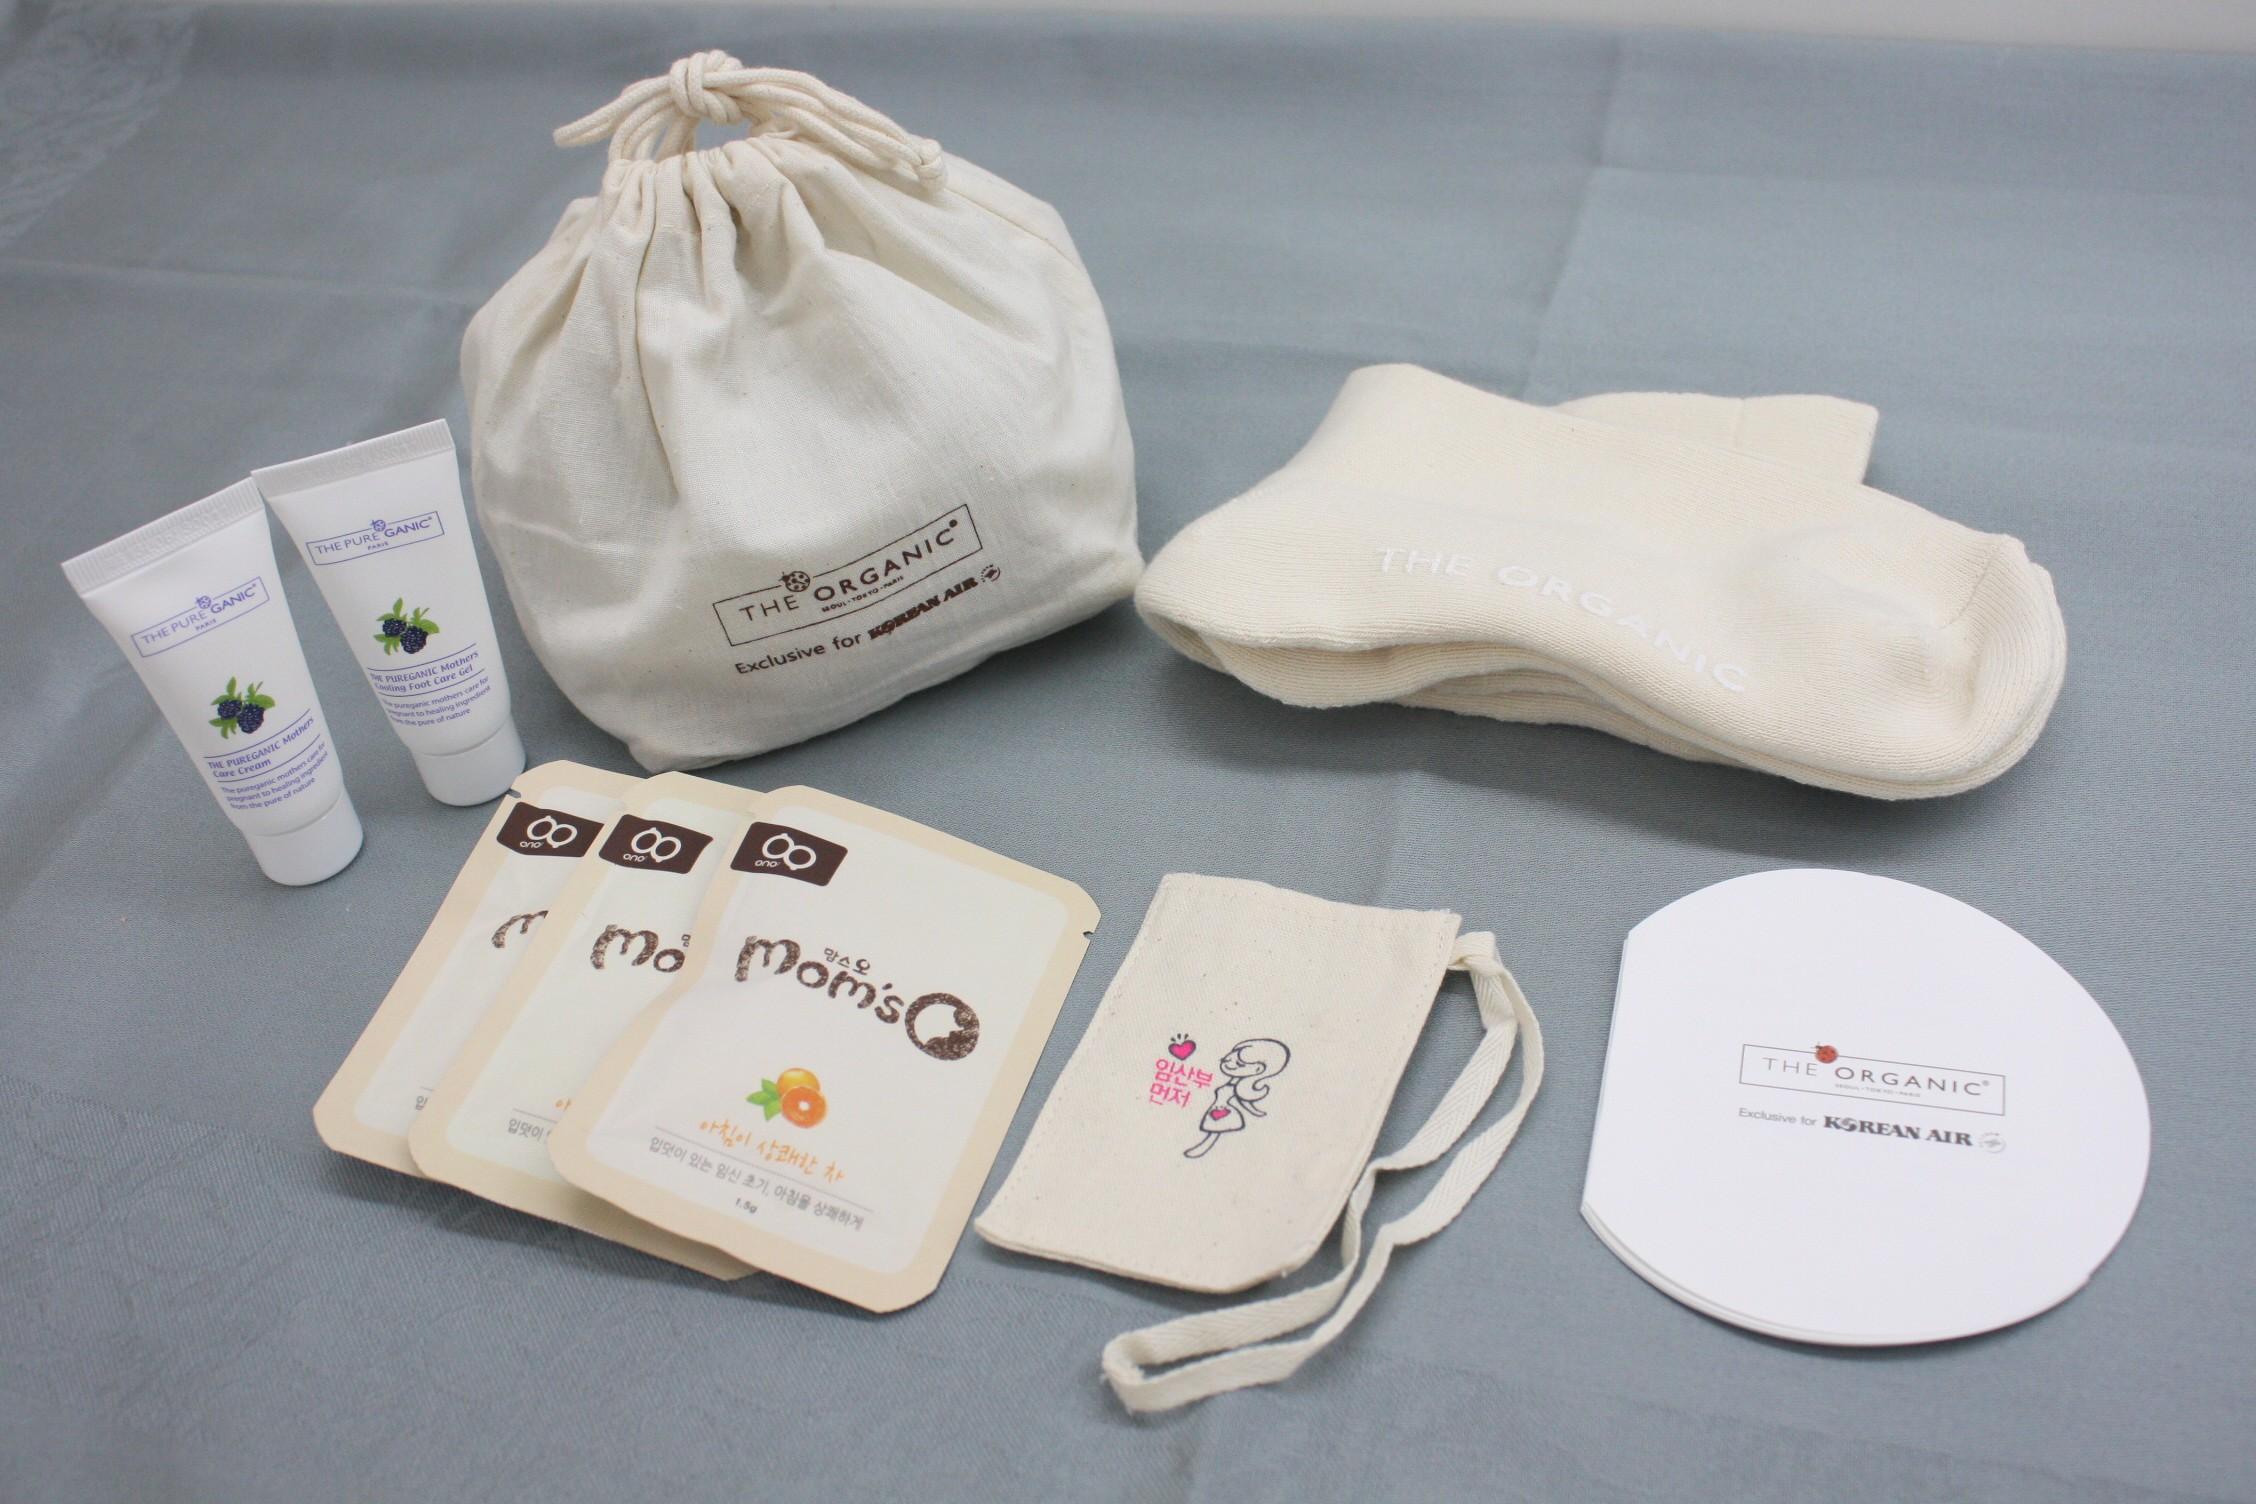 A pregnancy amenities kit.